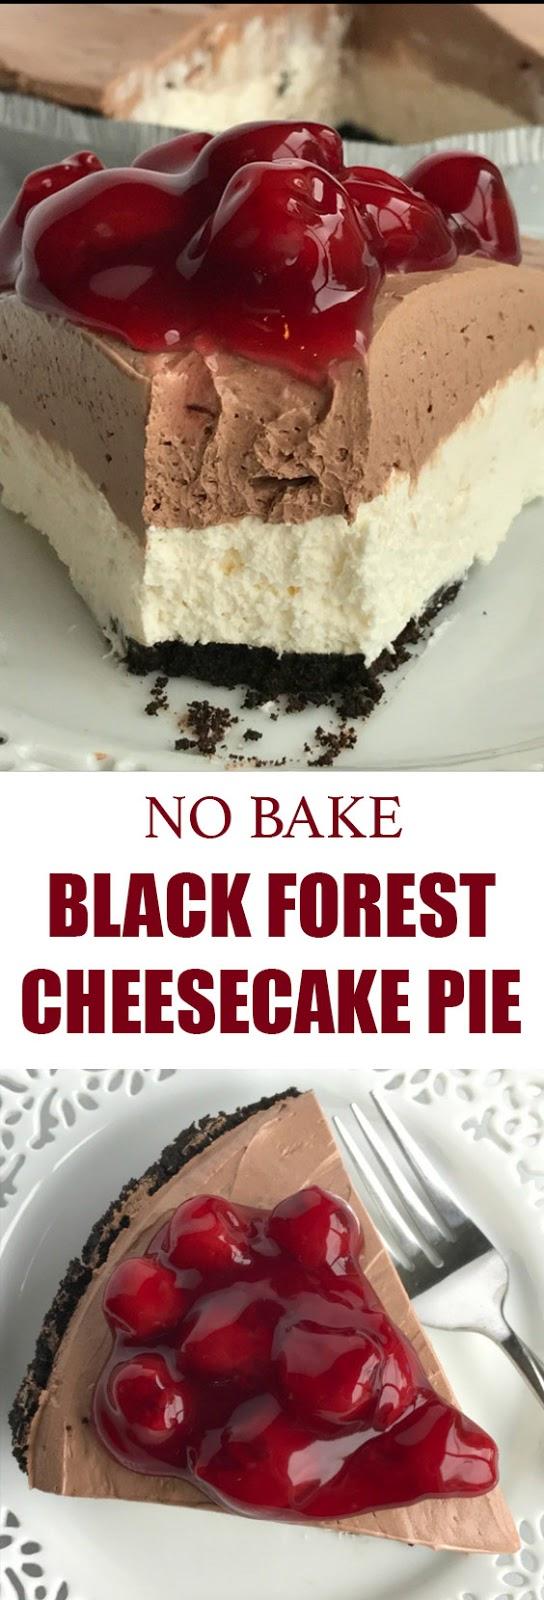 No Bake Black Forest Cheesecake Pie